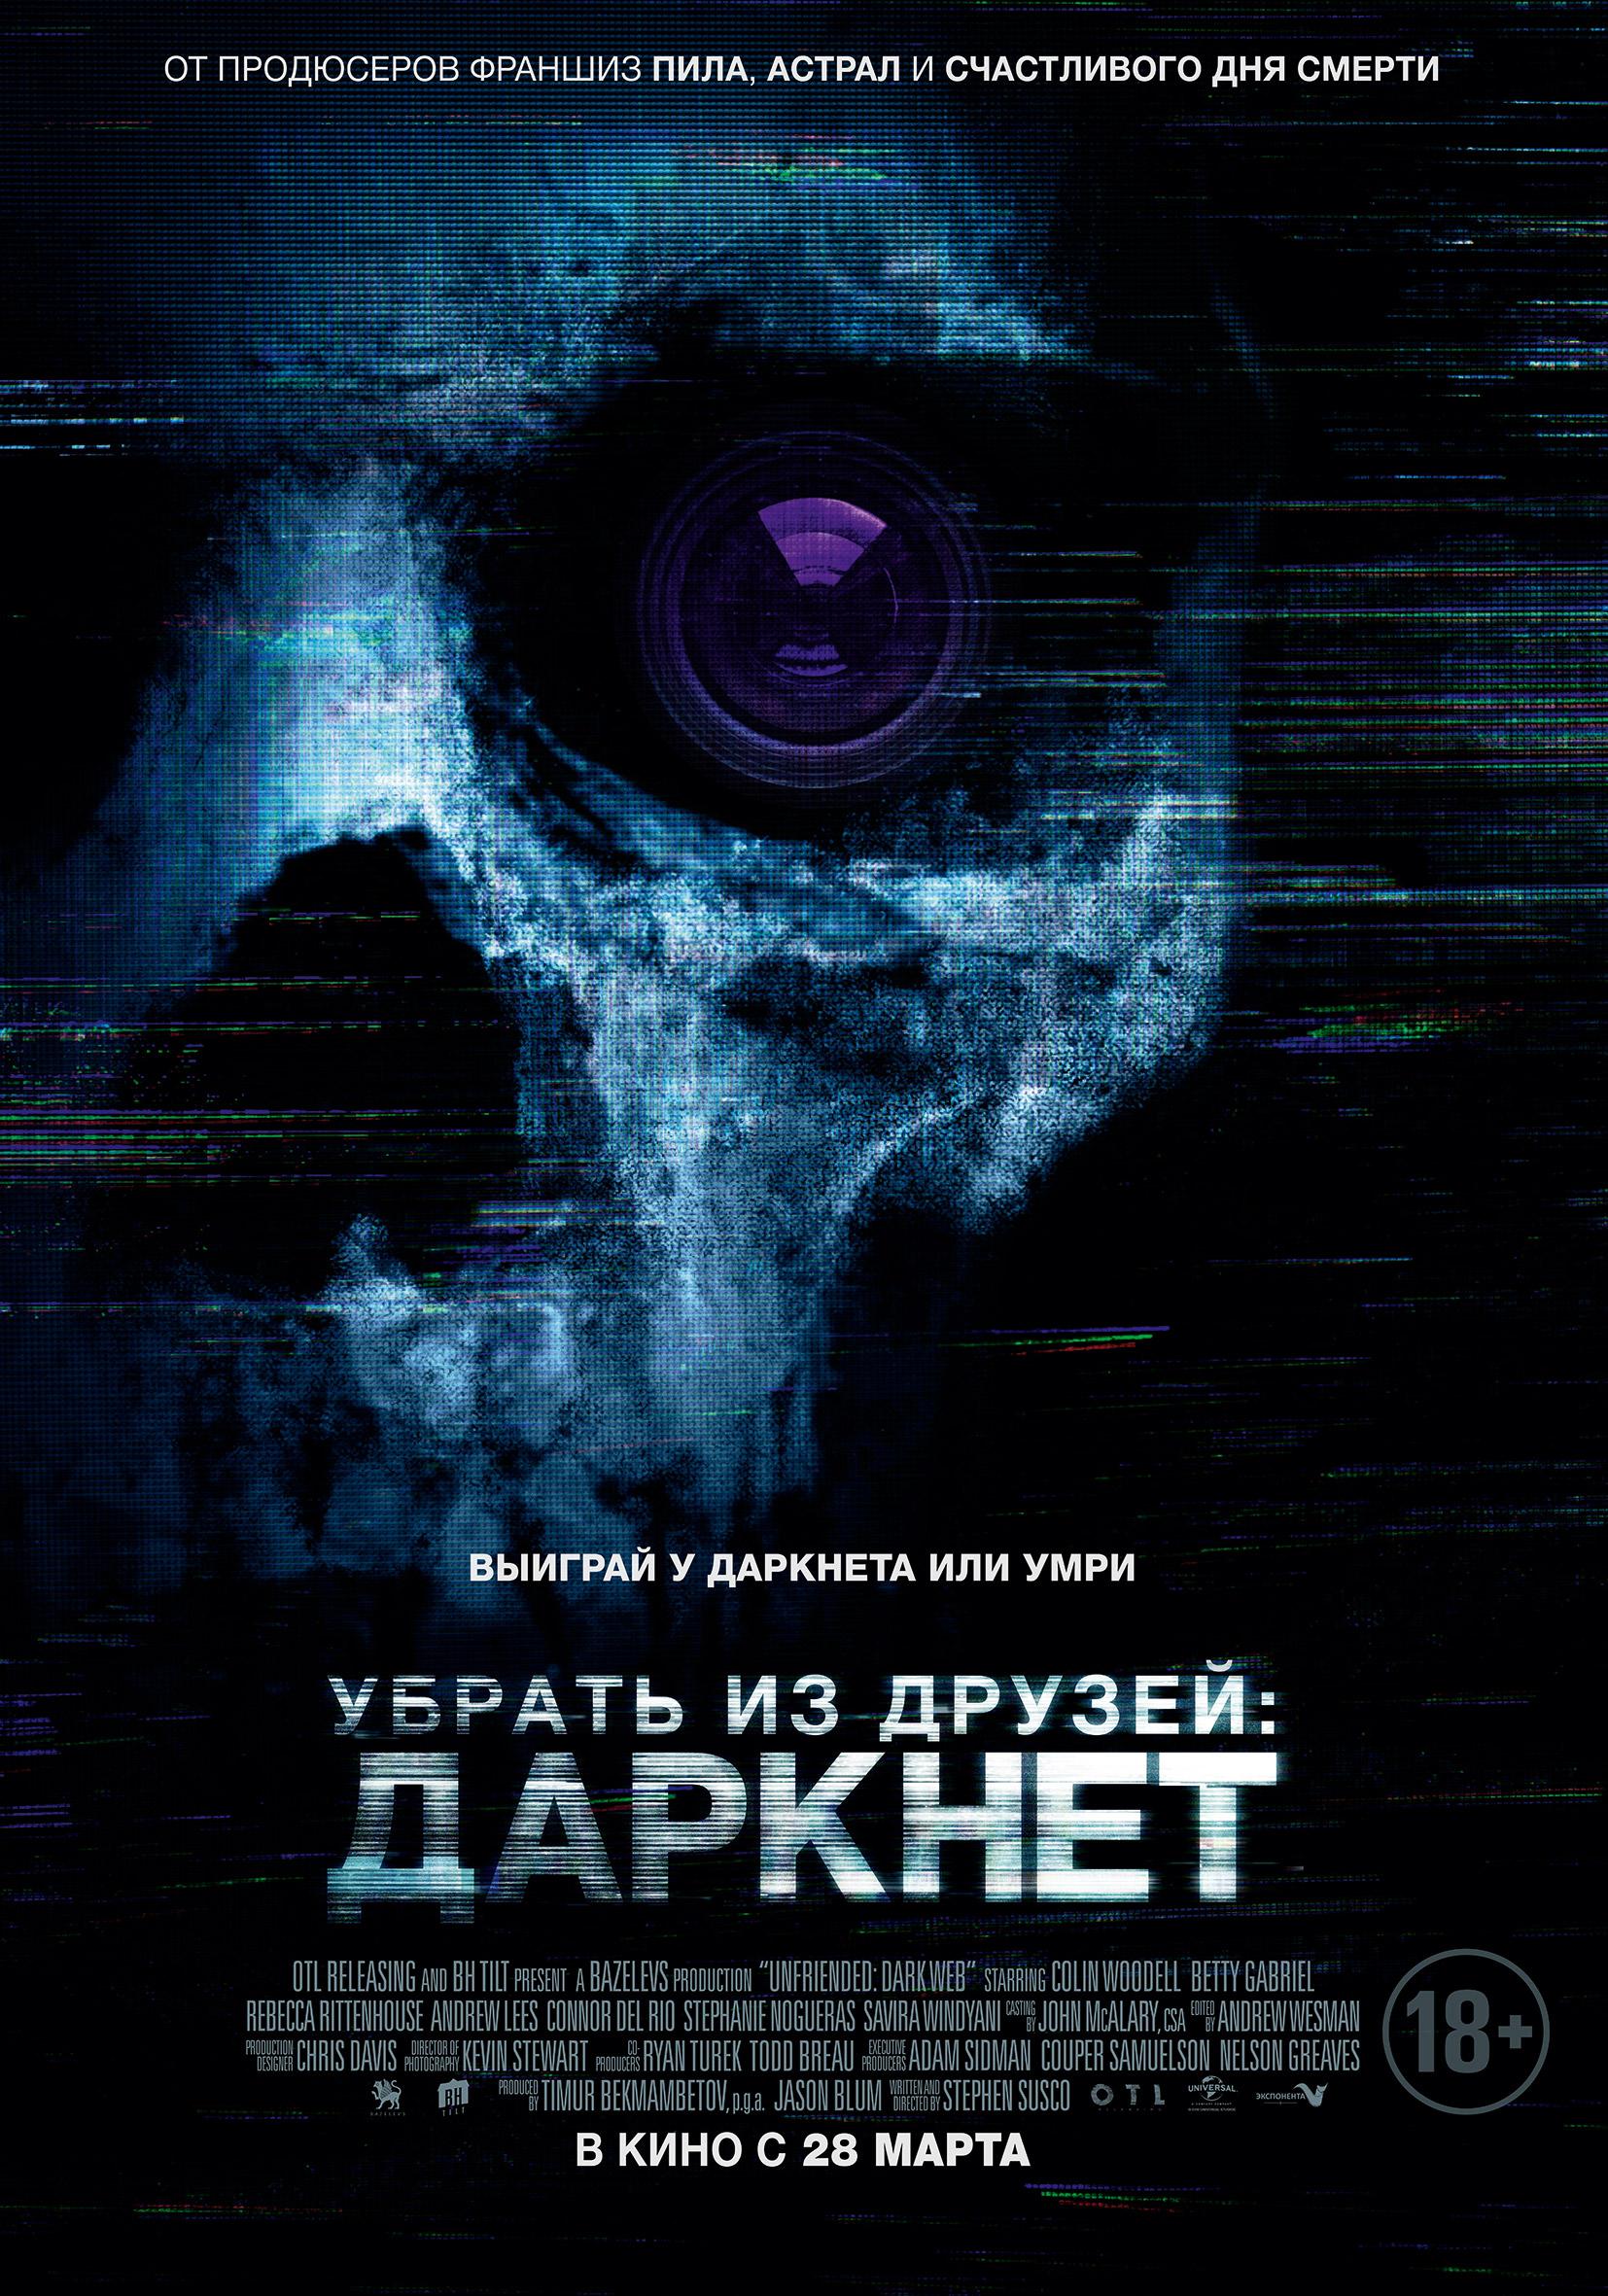 Фильм про даркнет gidra скачать приложение тор браузер на русском вход на гидру